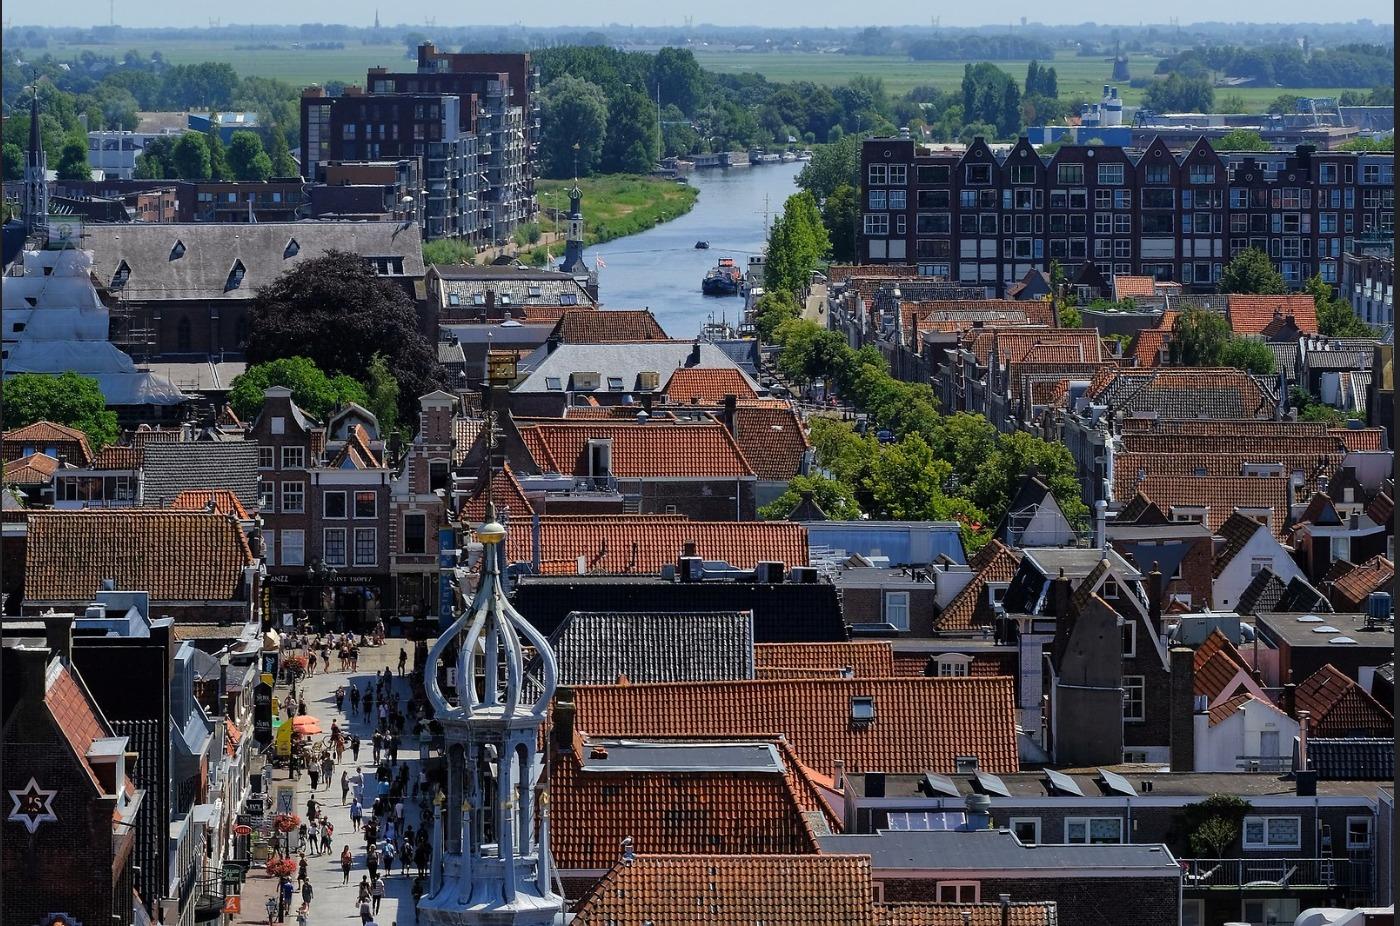 docksite-appartementen-alkmaar-uitzicht.jpeg